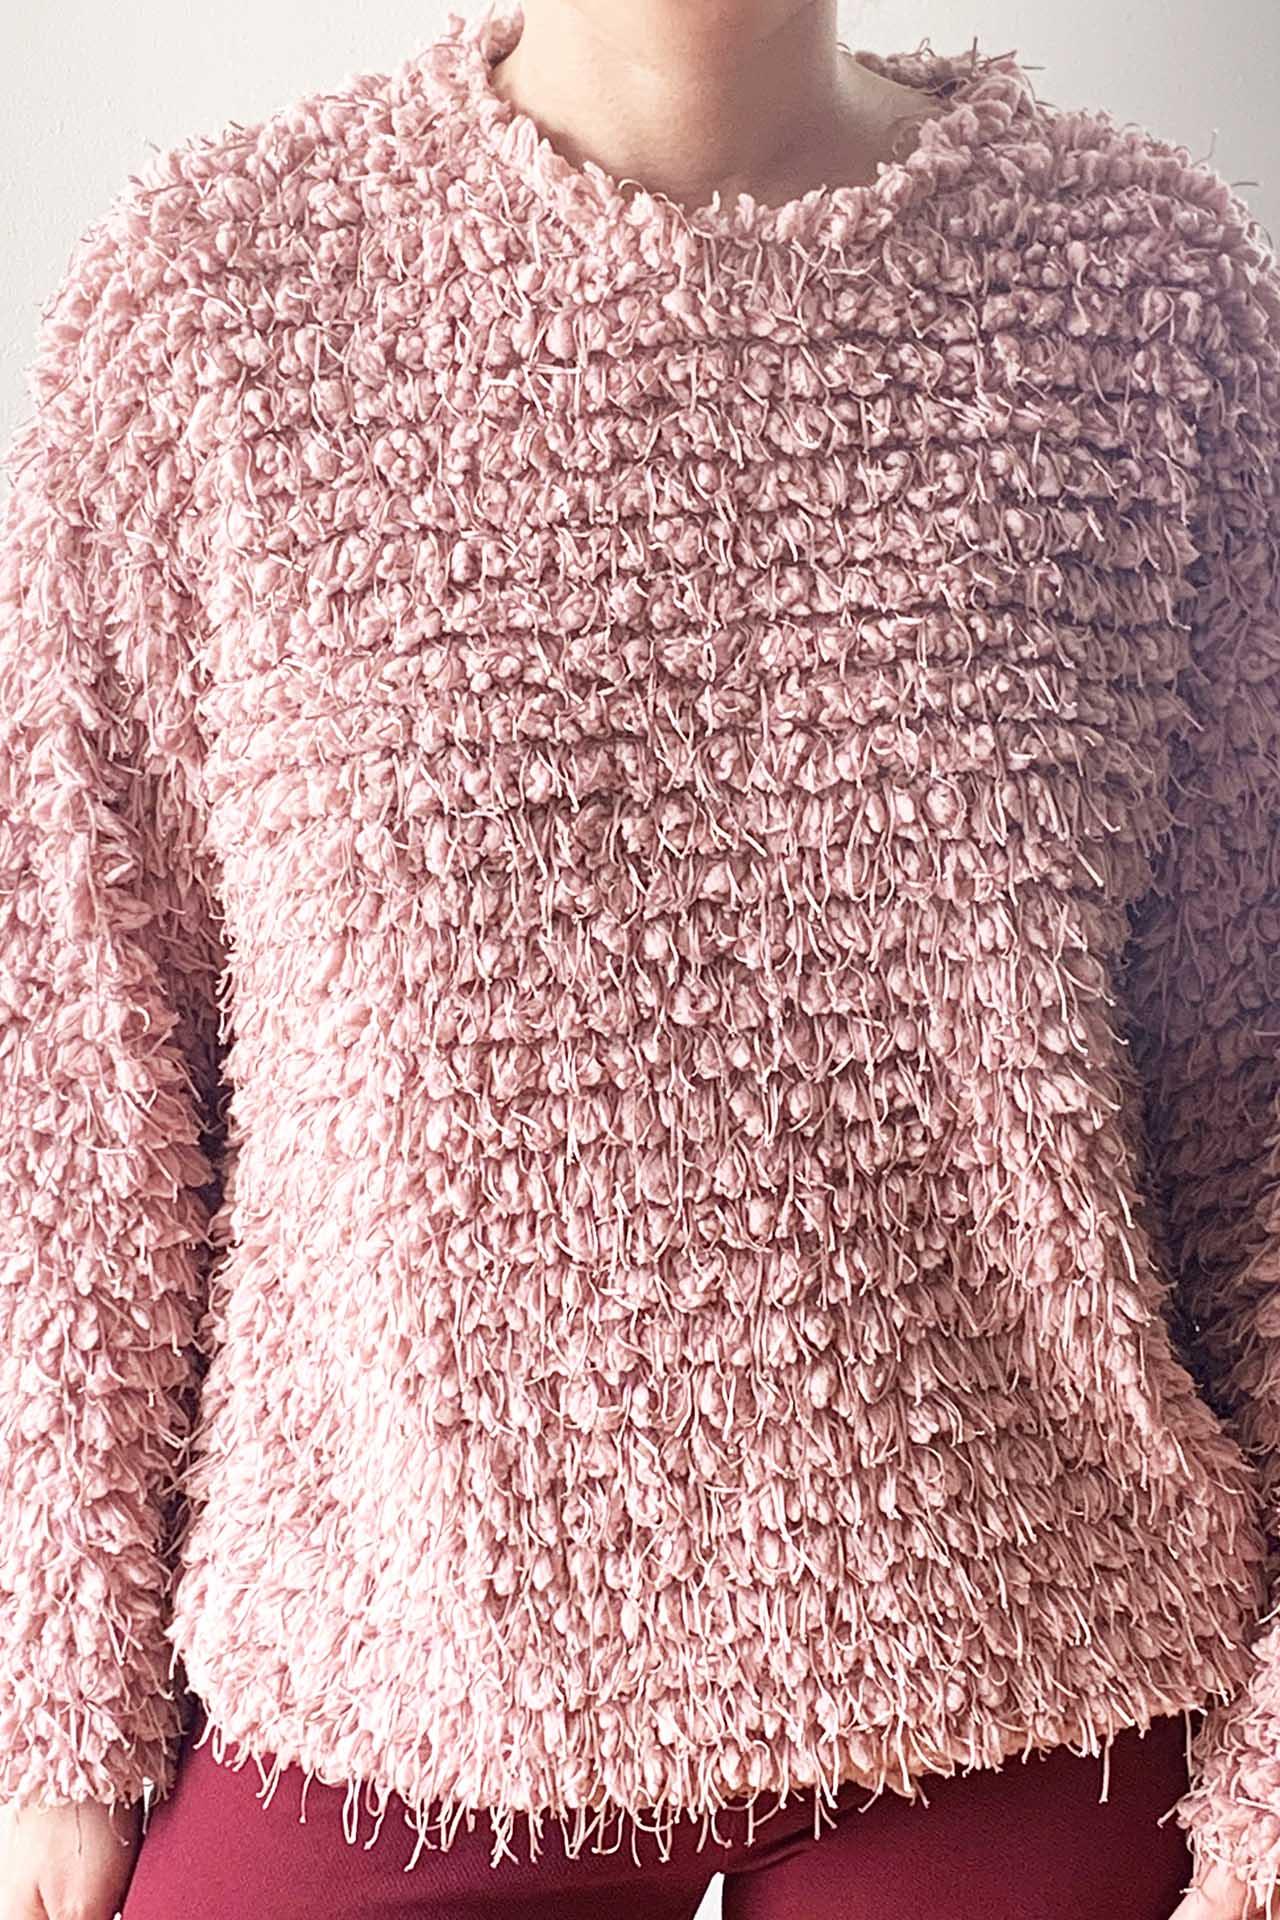 Sweater cropped trenzado y cuello en V. Súper abrigador      Made in Italy                                           Material & cuidado 85% Acrílico 15% Poliester Lavar en agua fría a mano  Busto Cintura Cadera Largo  48cm 48cm 45cm 62cm